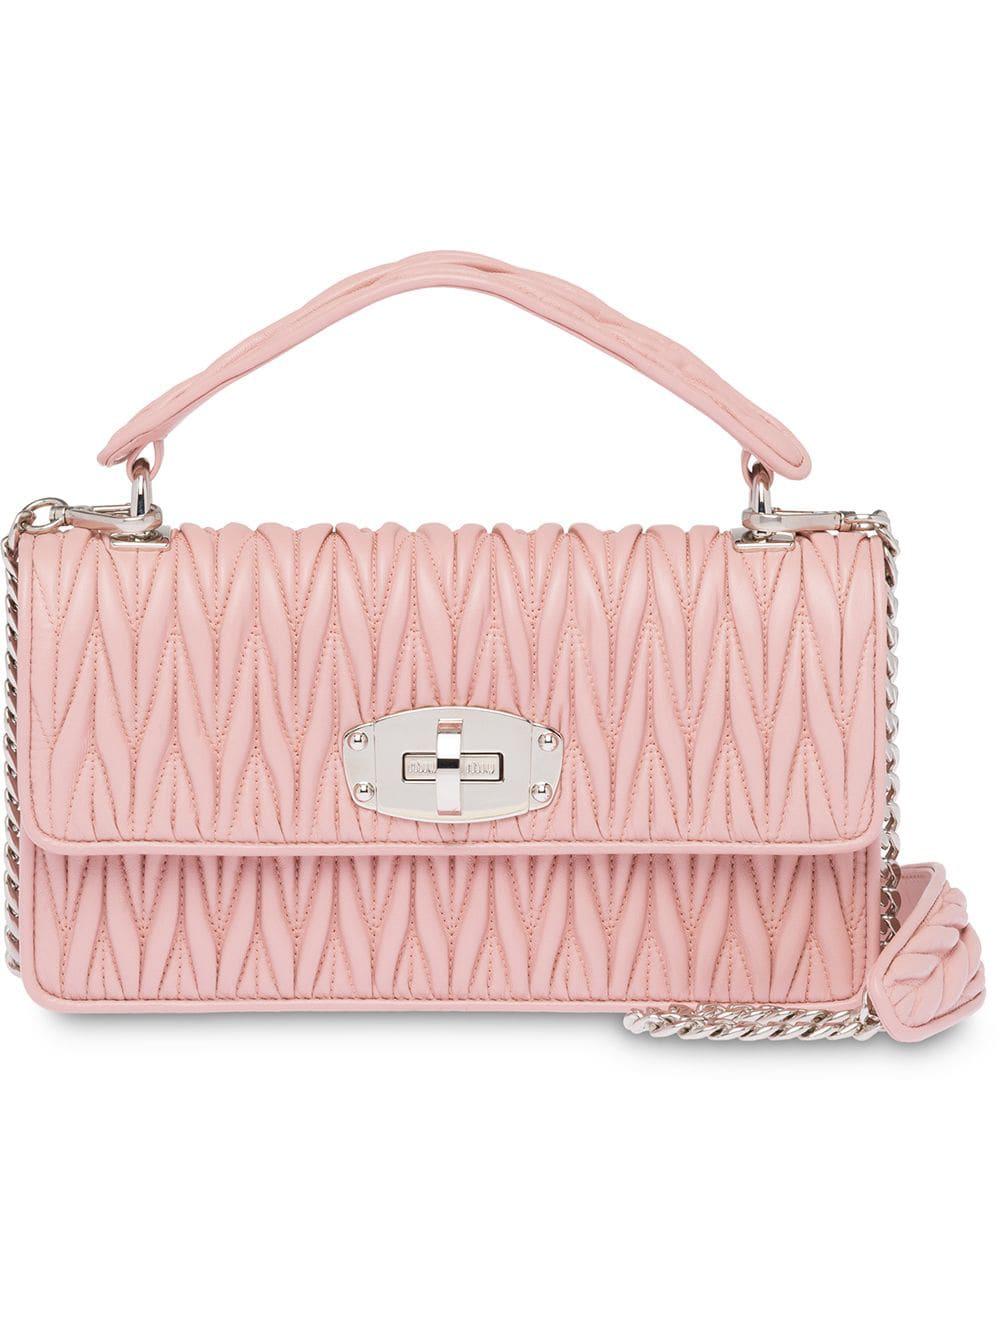 d185f52123a9 Miu Miu Miu Cleo Matelassé Bag - Pink